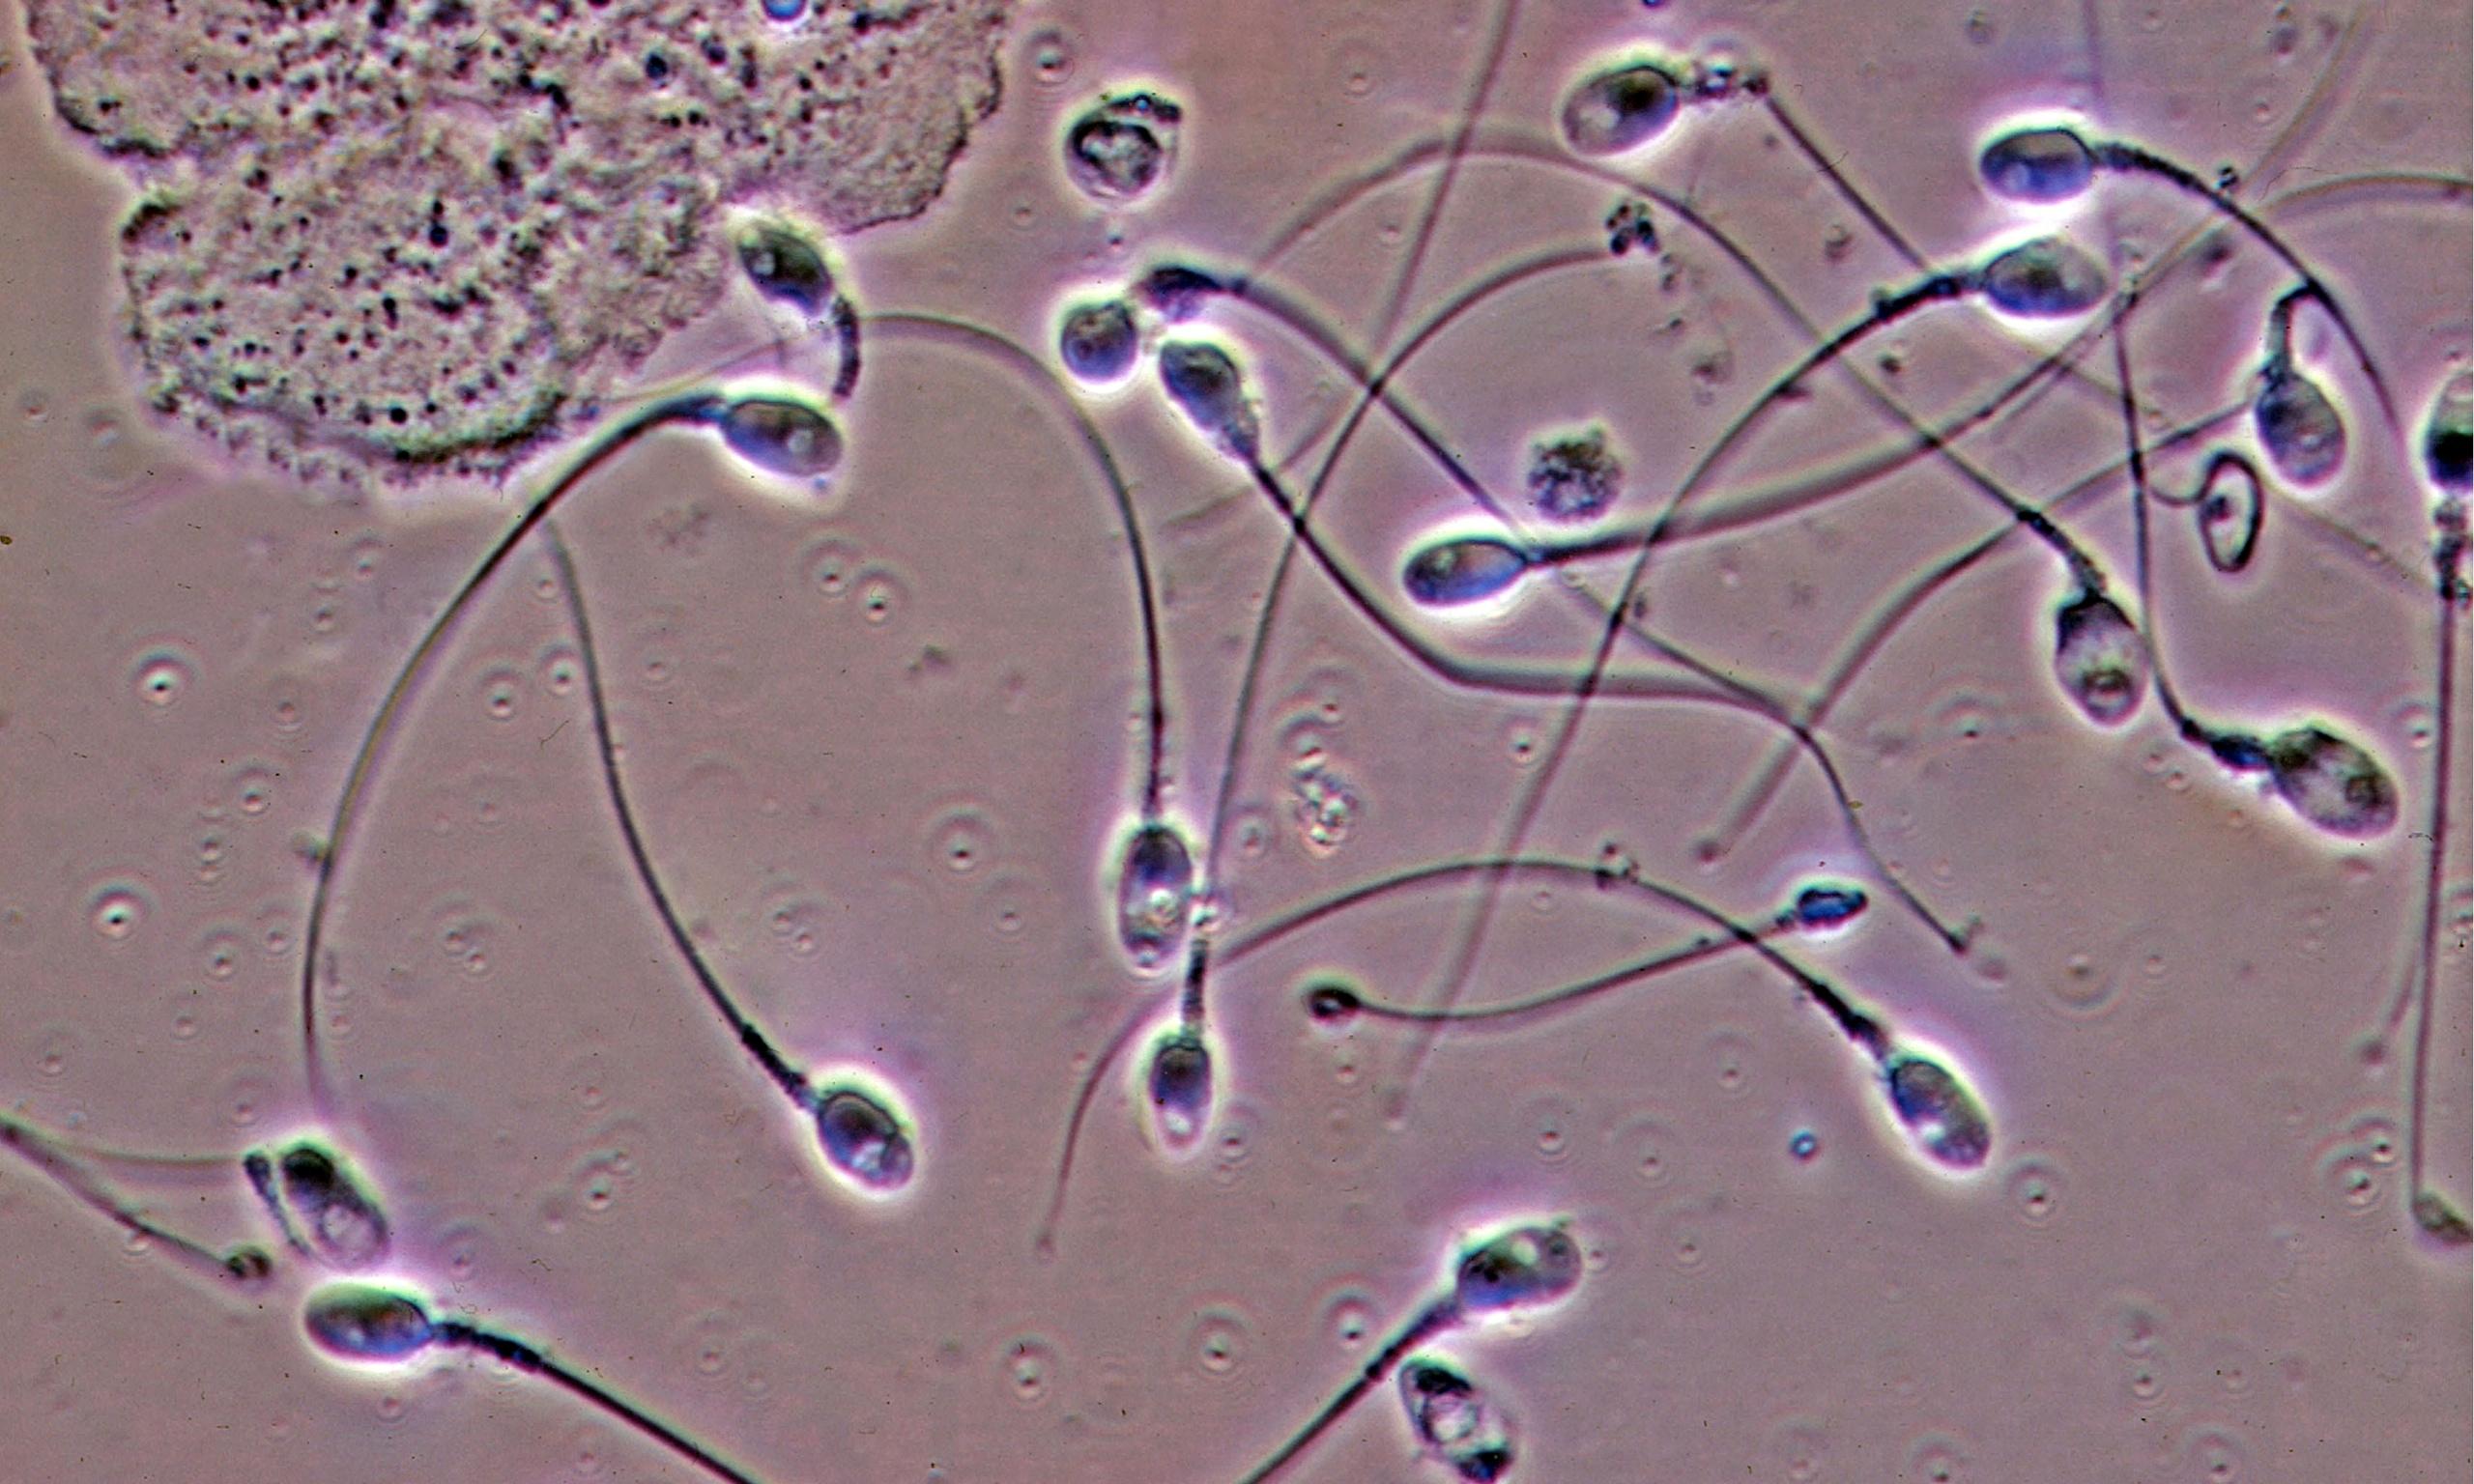 Сперма в микроскоп 2 фотография